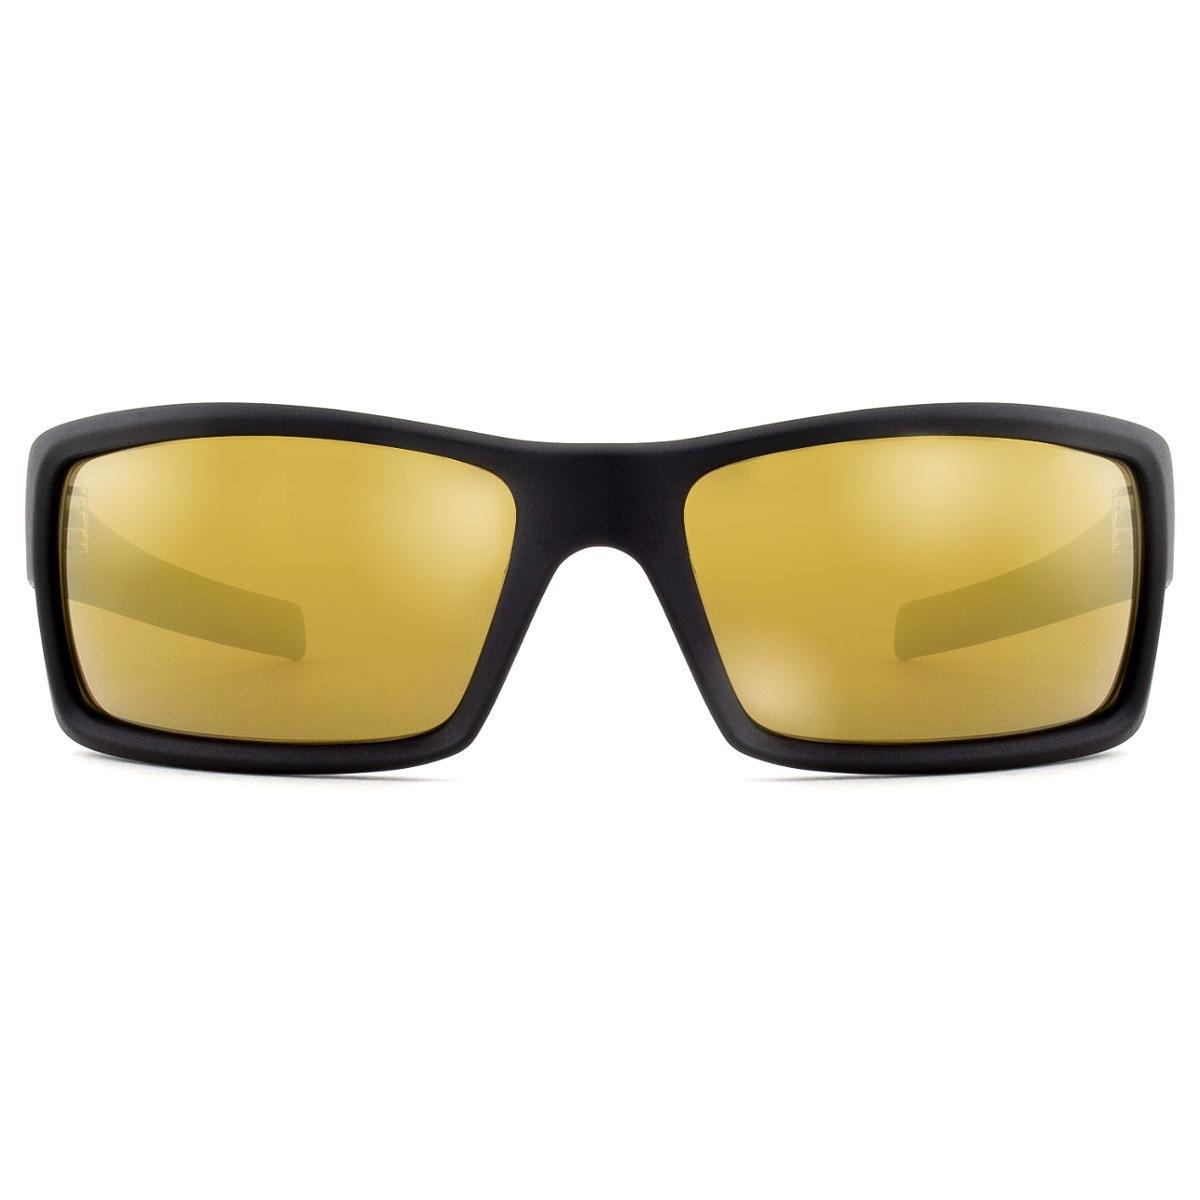 Óculos HB Riot 90081 00189 - Compre Agora   Netshoes 8533ddf0ea